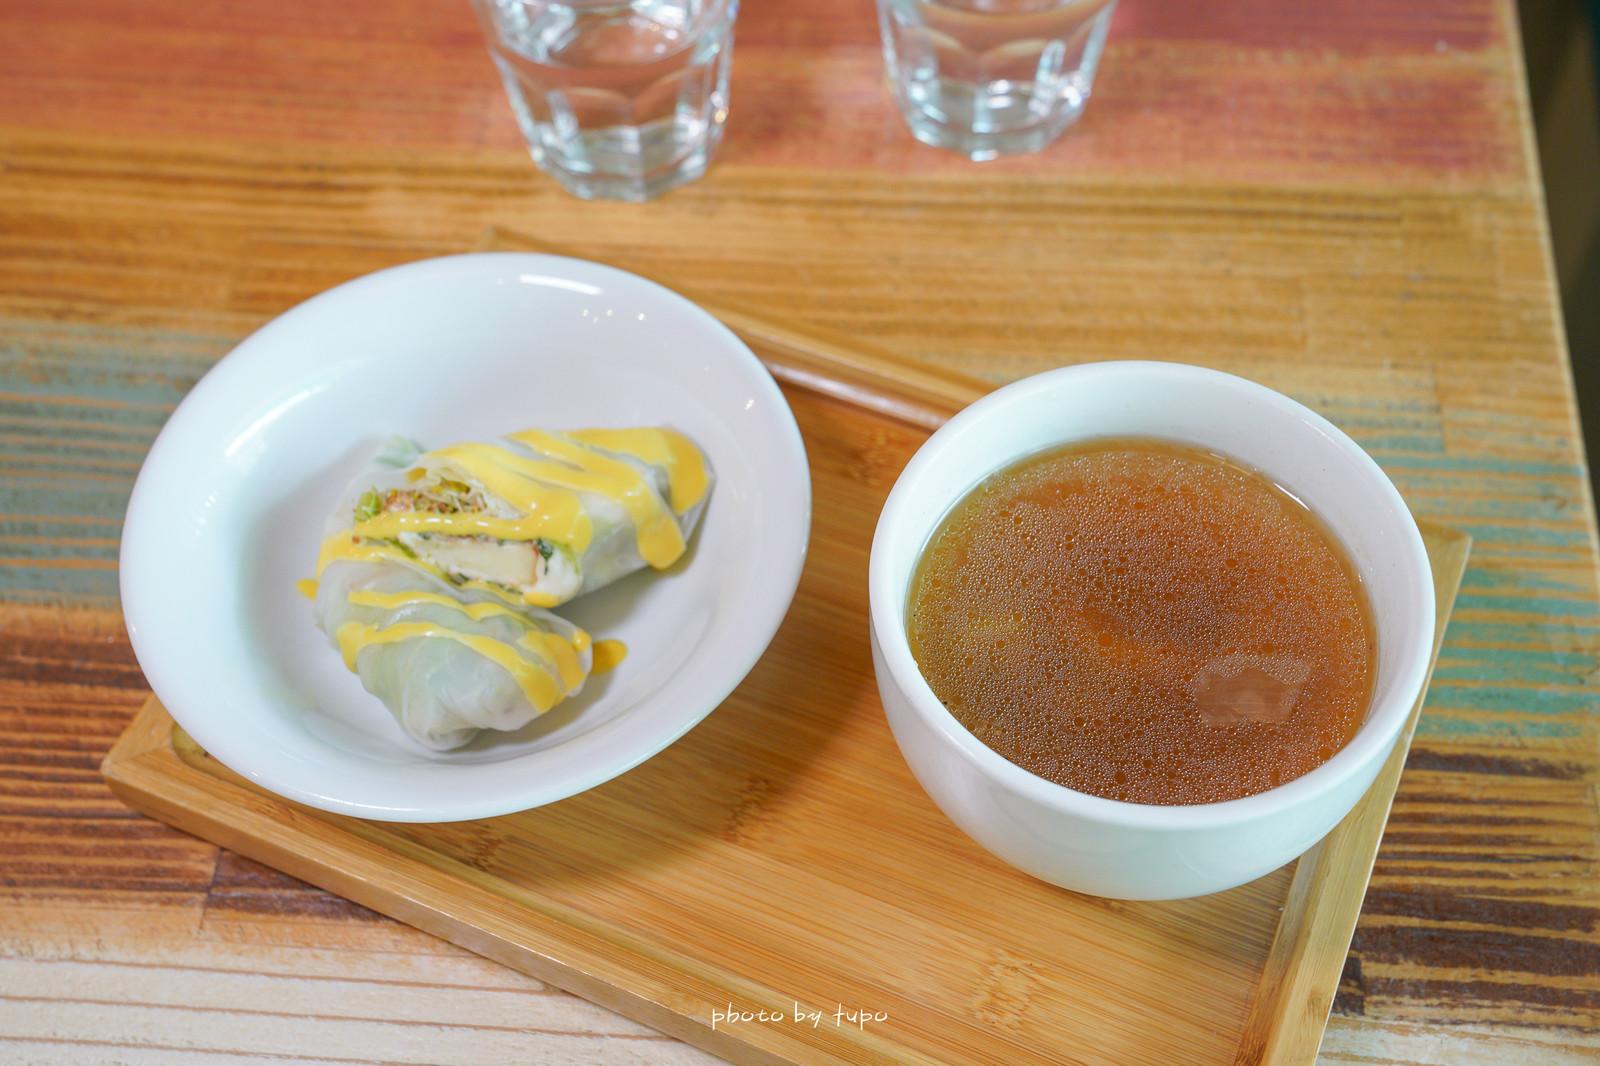 宜蘭冬山美食:三隻貓餐廳.咖啡,異國風情地中海渡假風,精緻簡餐和澎湃火鍋,贈送的飲品和甜點都很不錯~